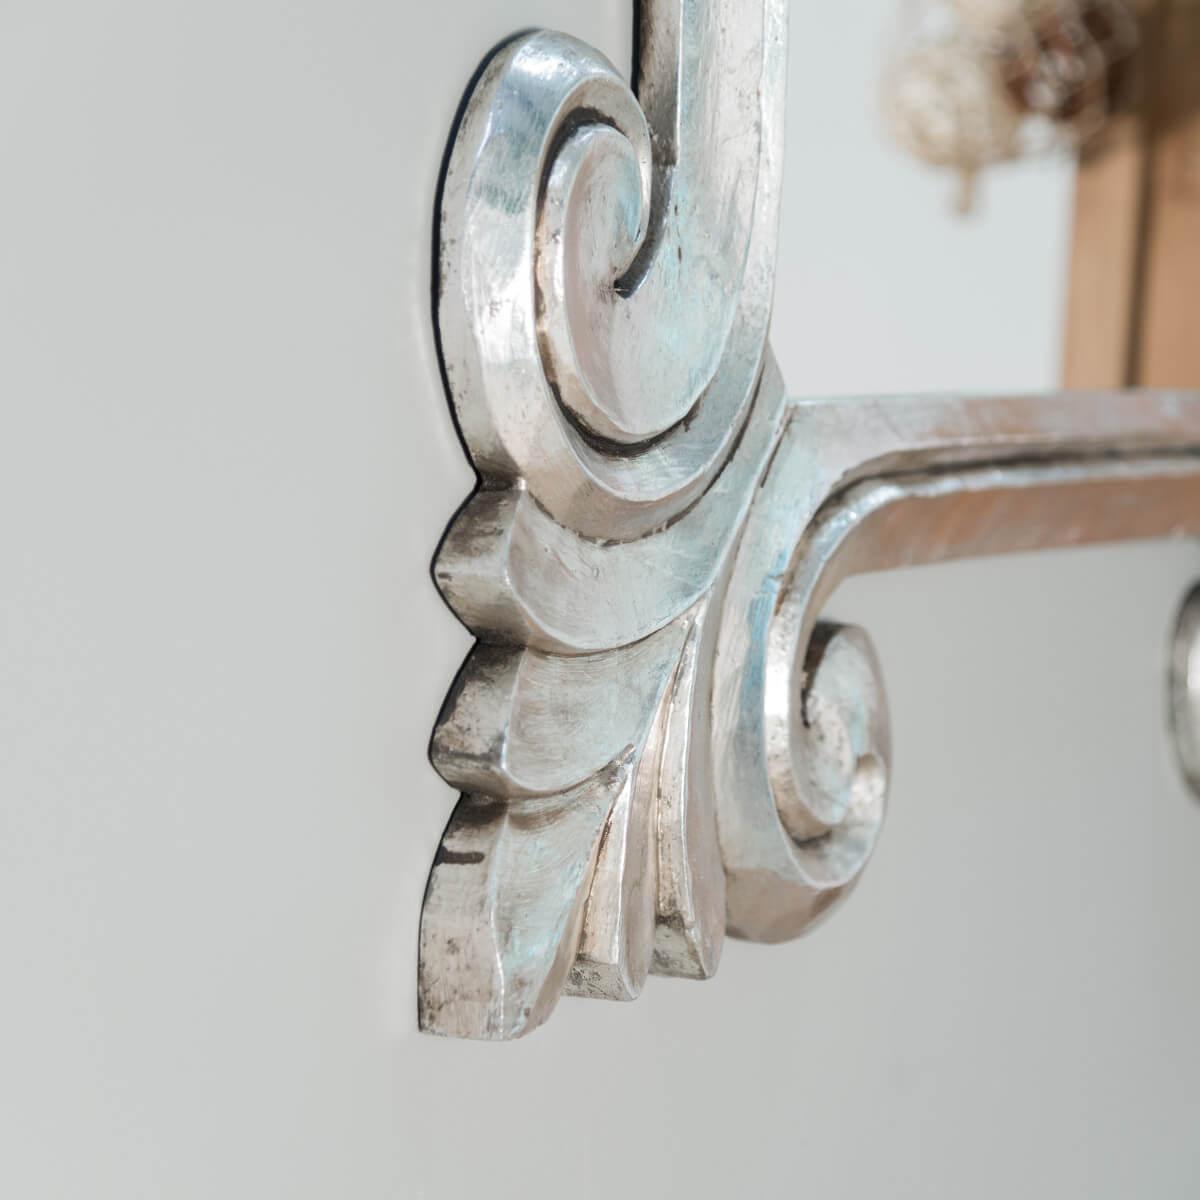 Miroir de d coration en bois massif tol de rectangulaire bois patin argent d 80 x 100 cm for Miroir 60 x 100